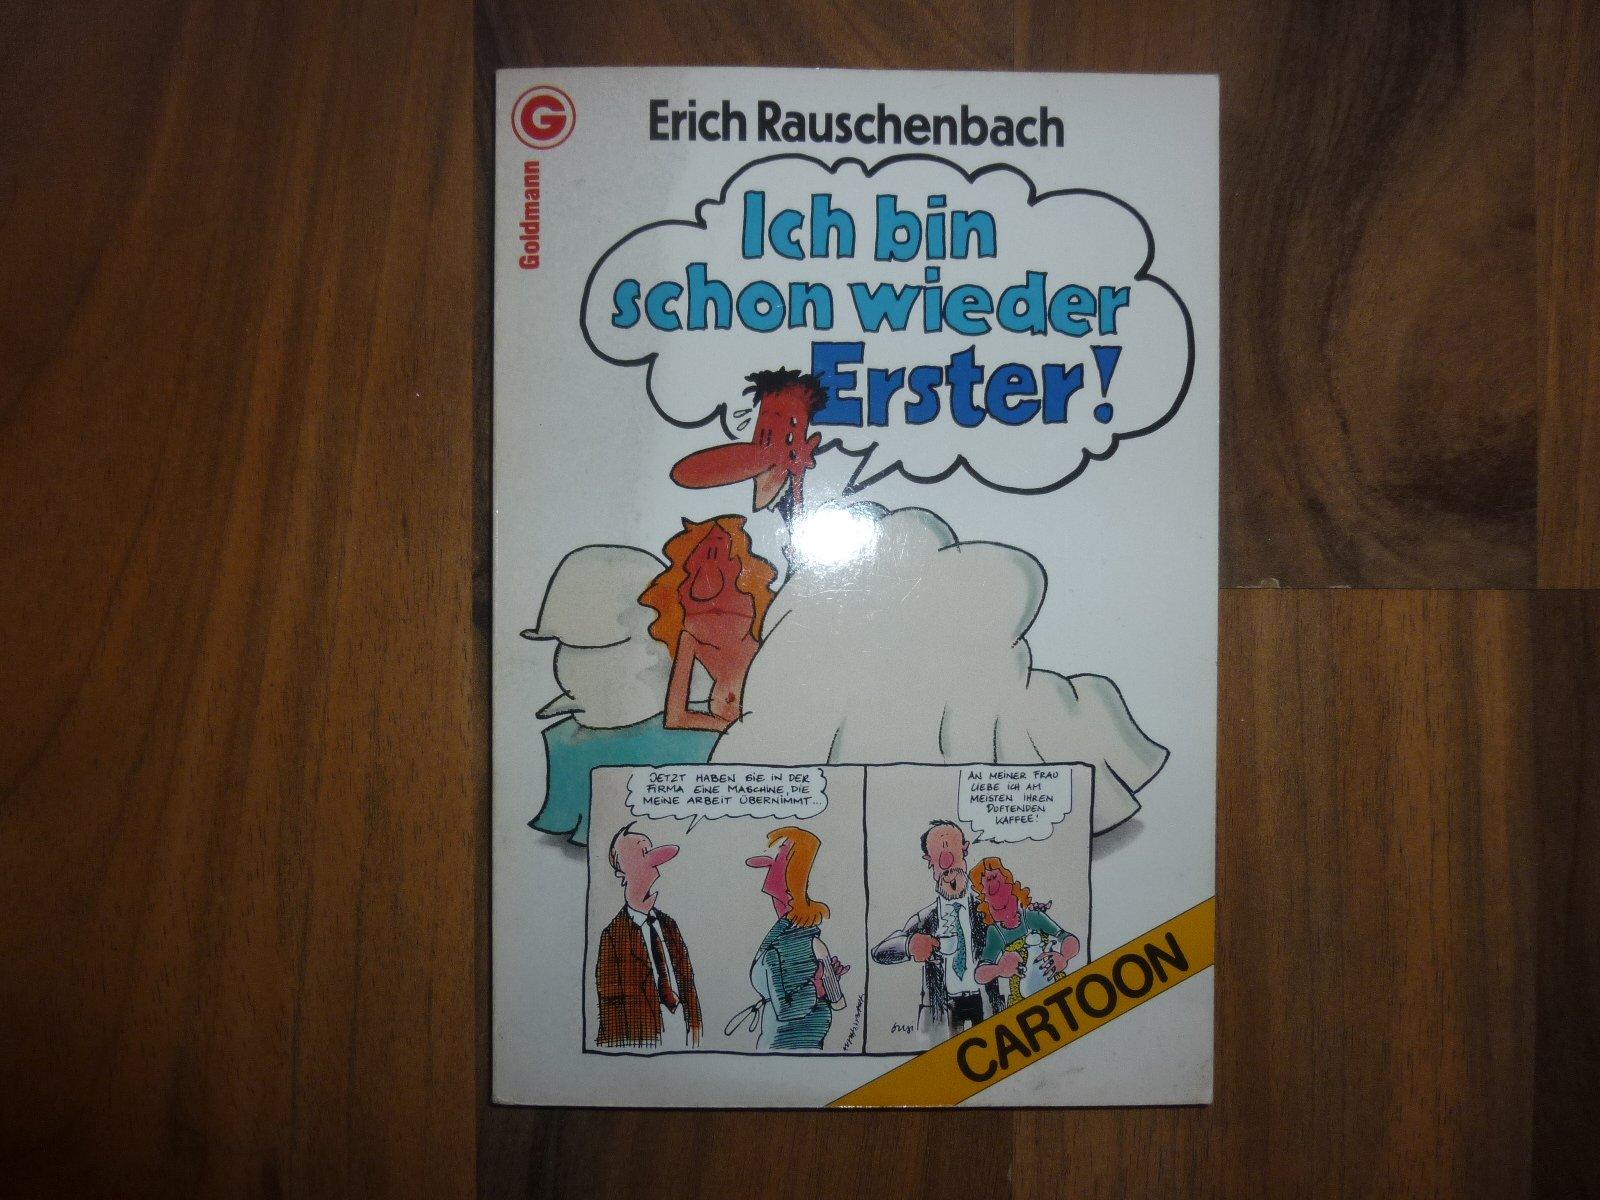 Ich bin schon wieder Erster! Taschenbuch – 1988 Erich Rauschenbach Goldmann 3442069629 Cartoons